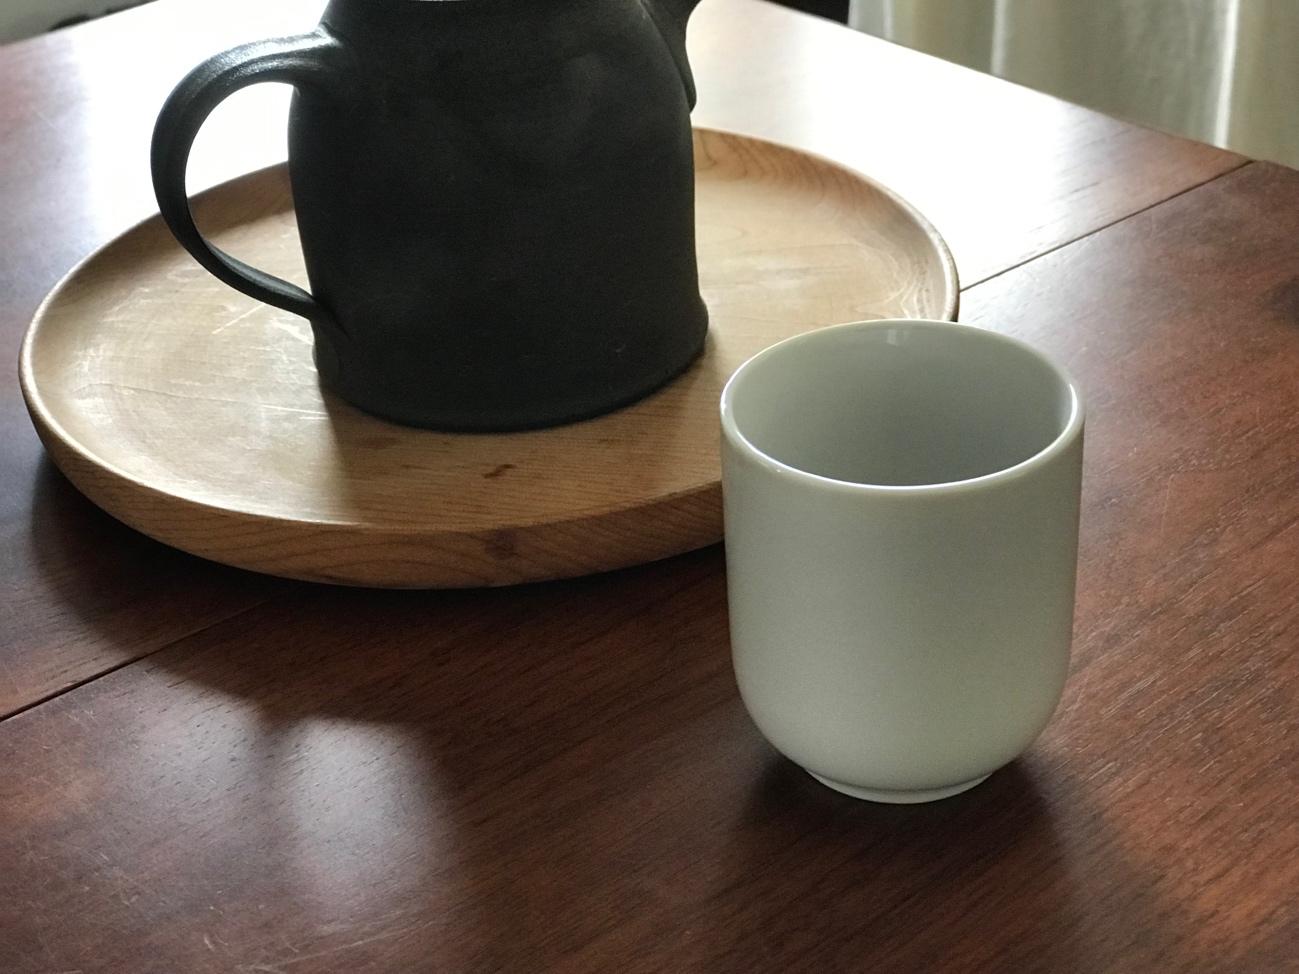 湯呑(ゆのみ)(小)(170ml)アイキャッチ画像